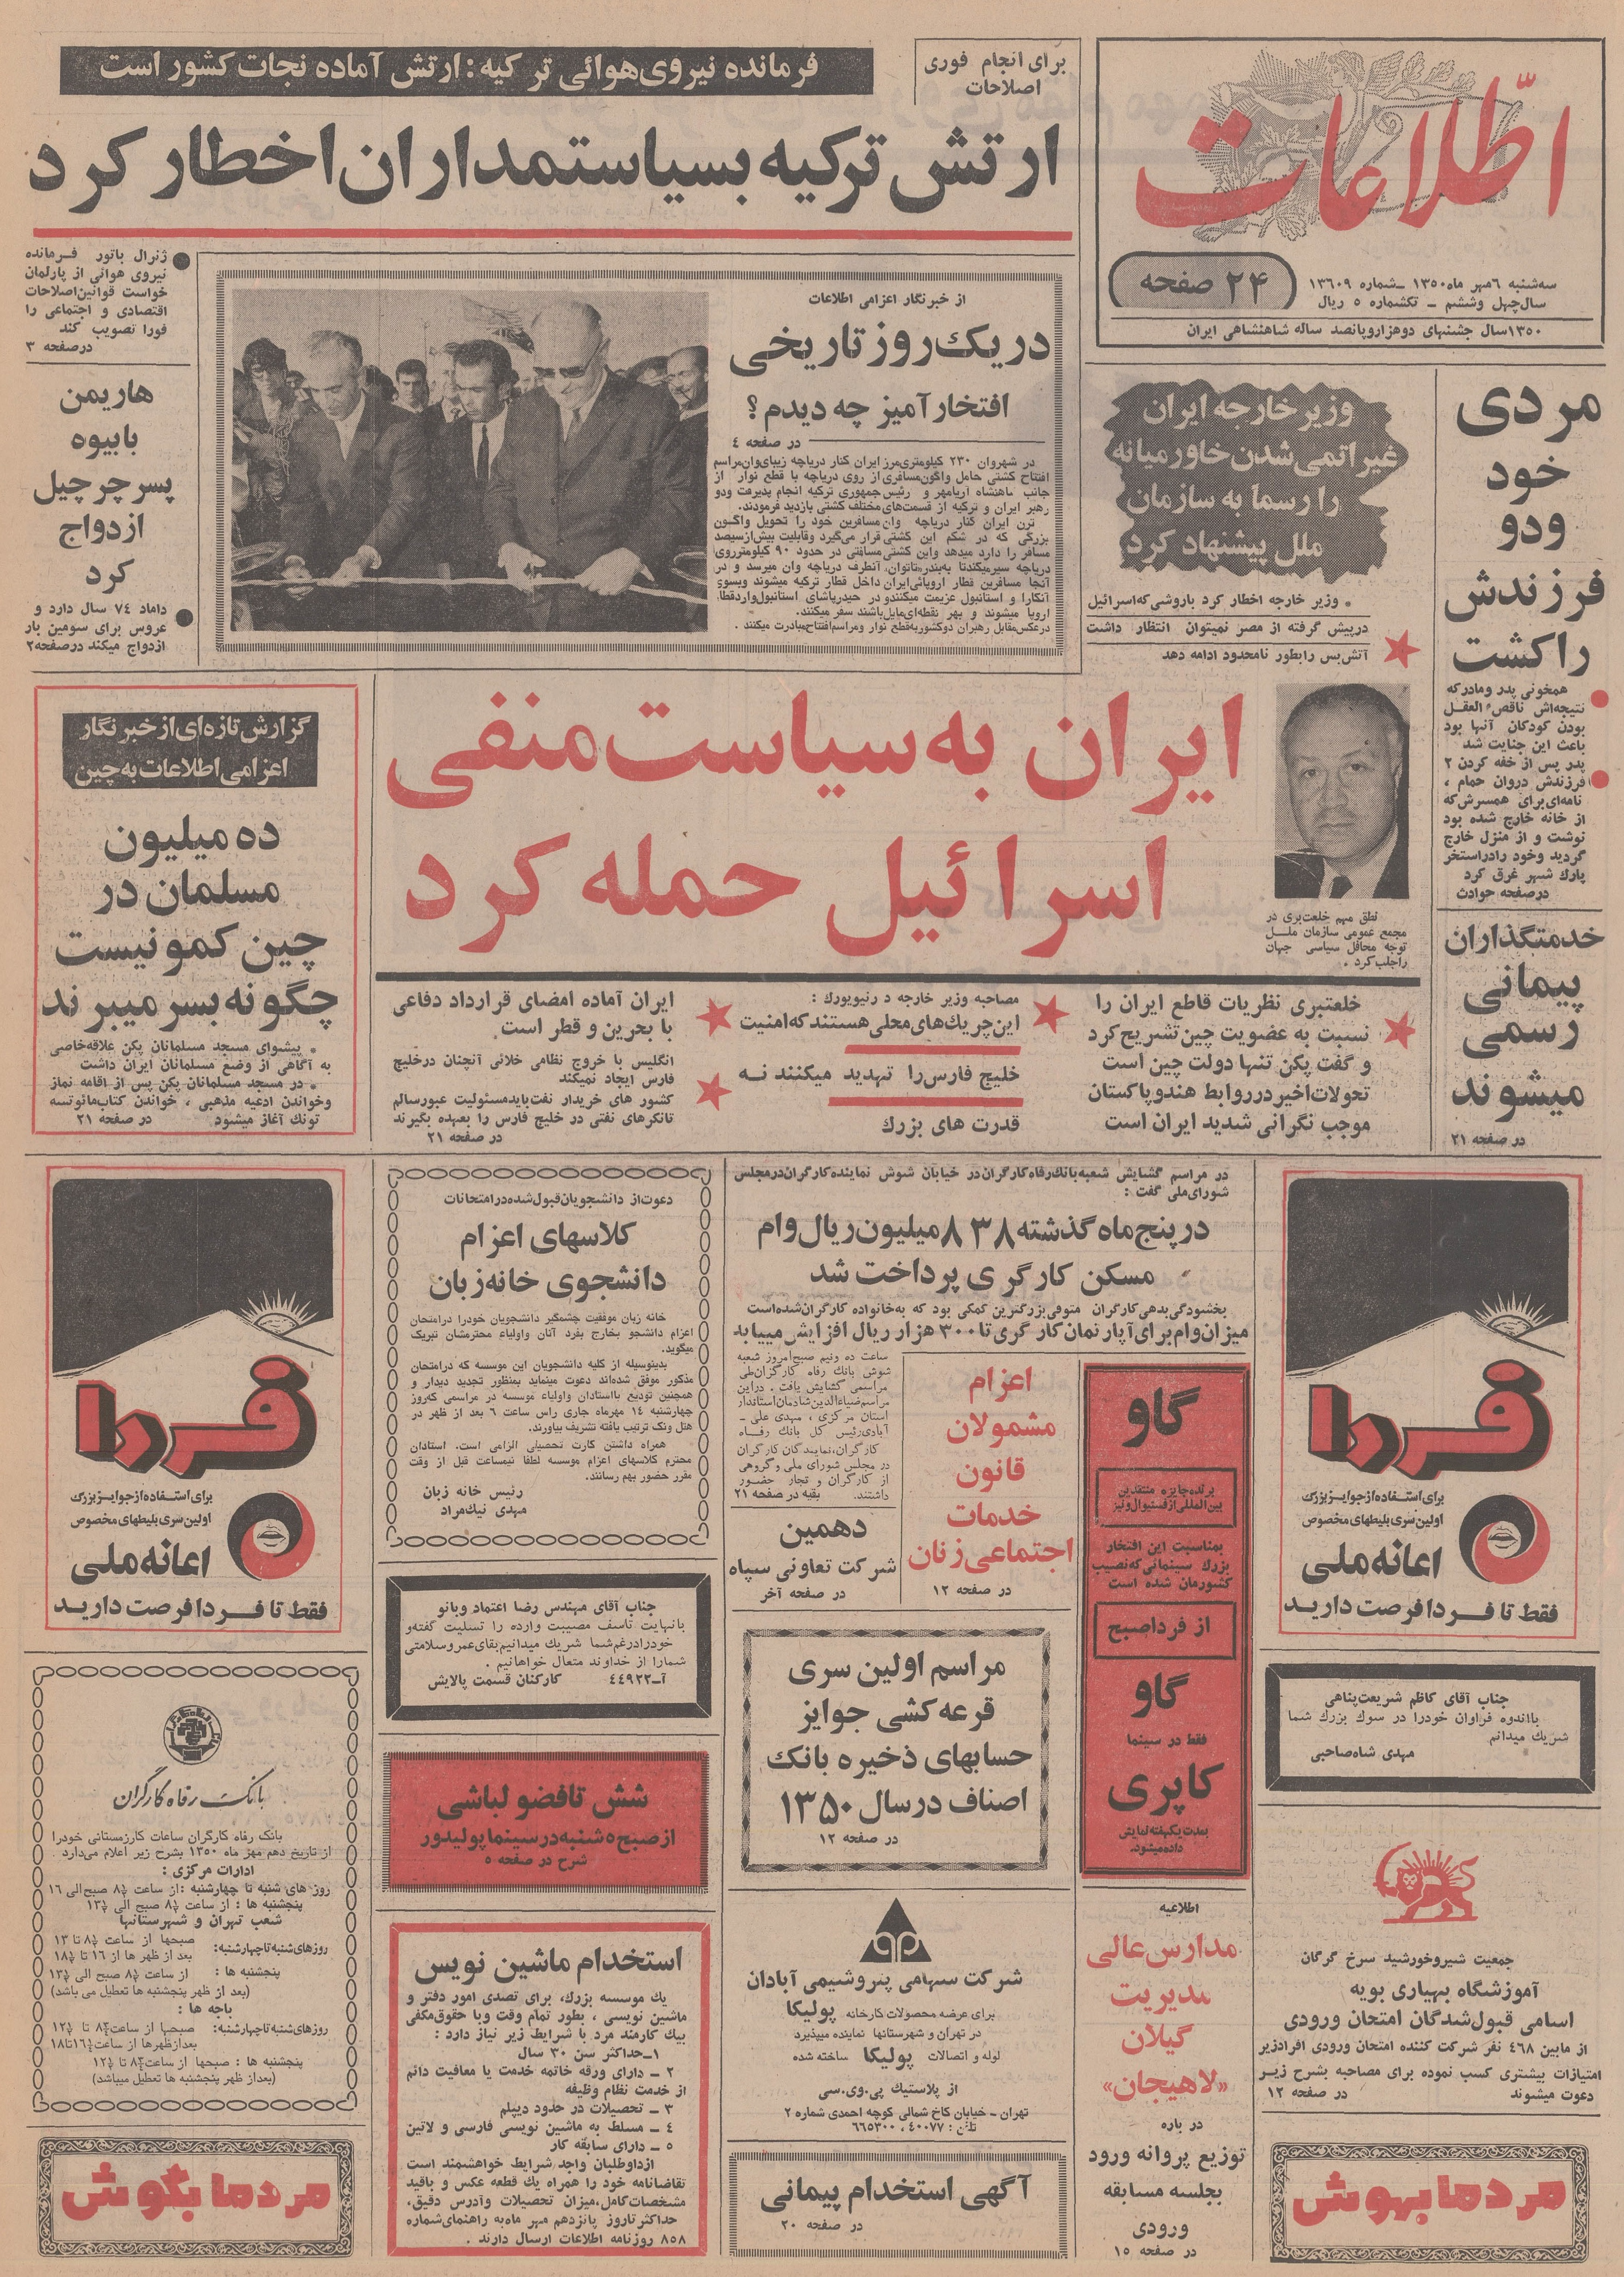 روزنامه اطلاعات 5 مهر 1350